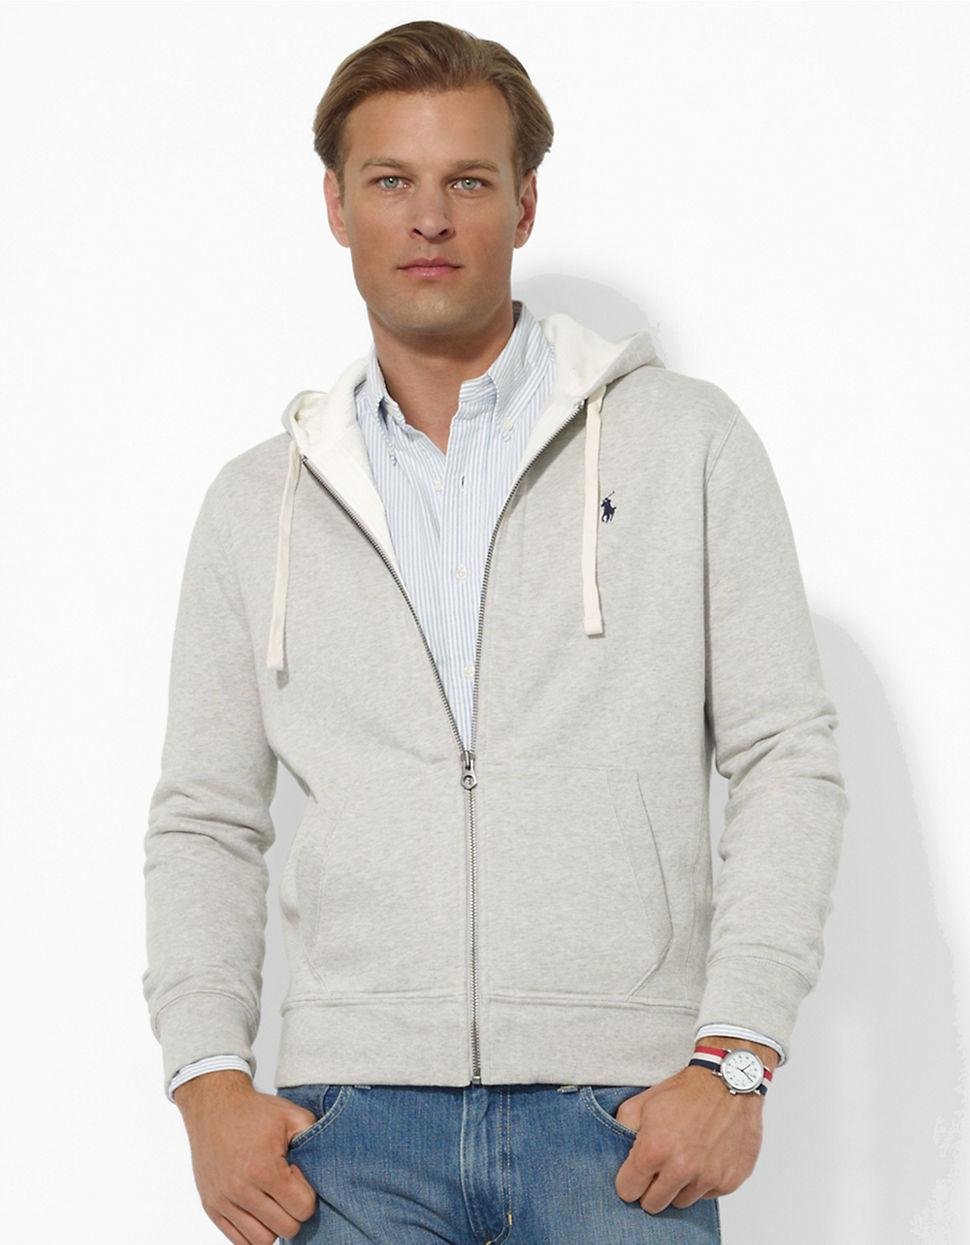 polo ralph lauren full zip hoodie